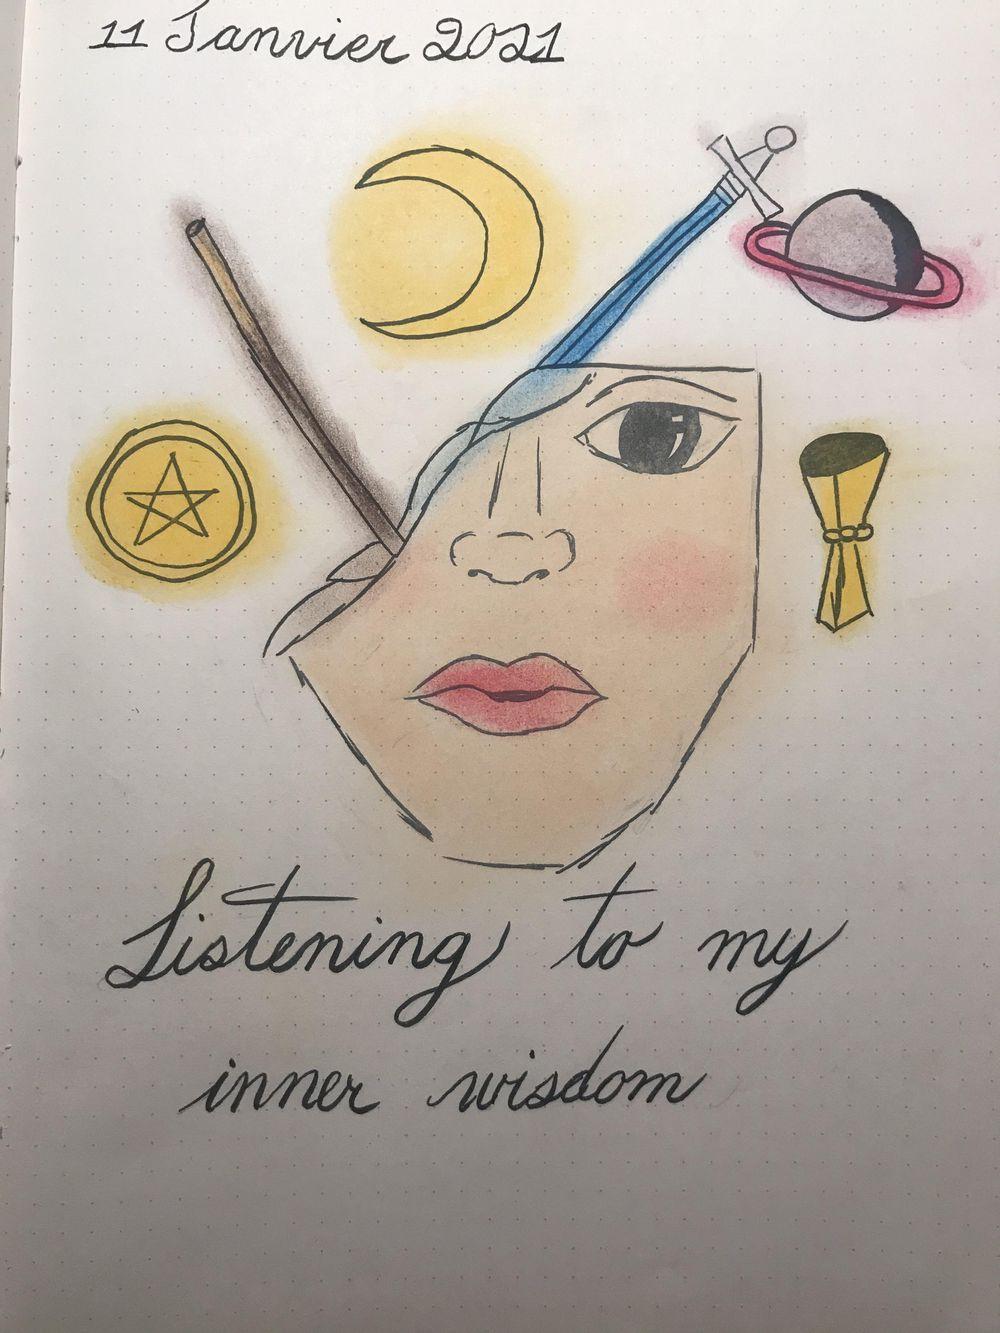 Un dessin par jour pendant 28 jours - image 4 - student project